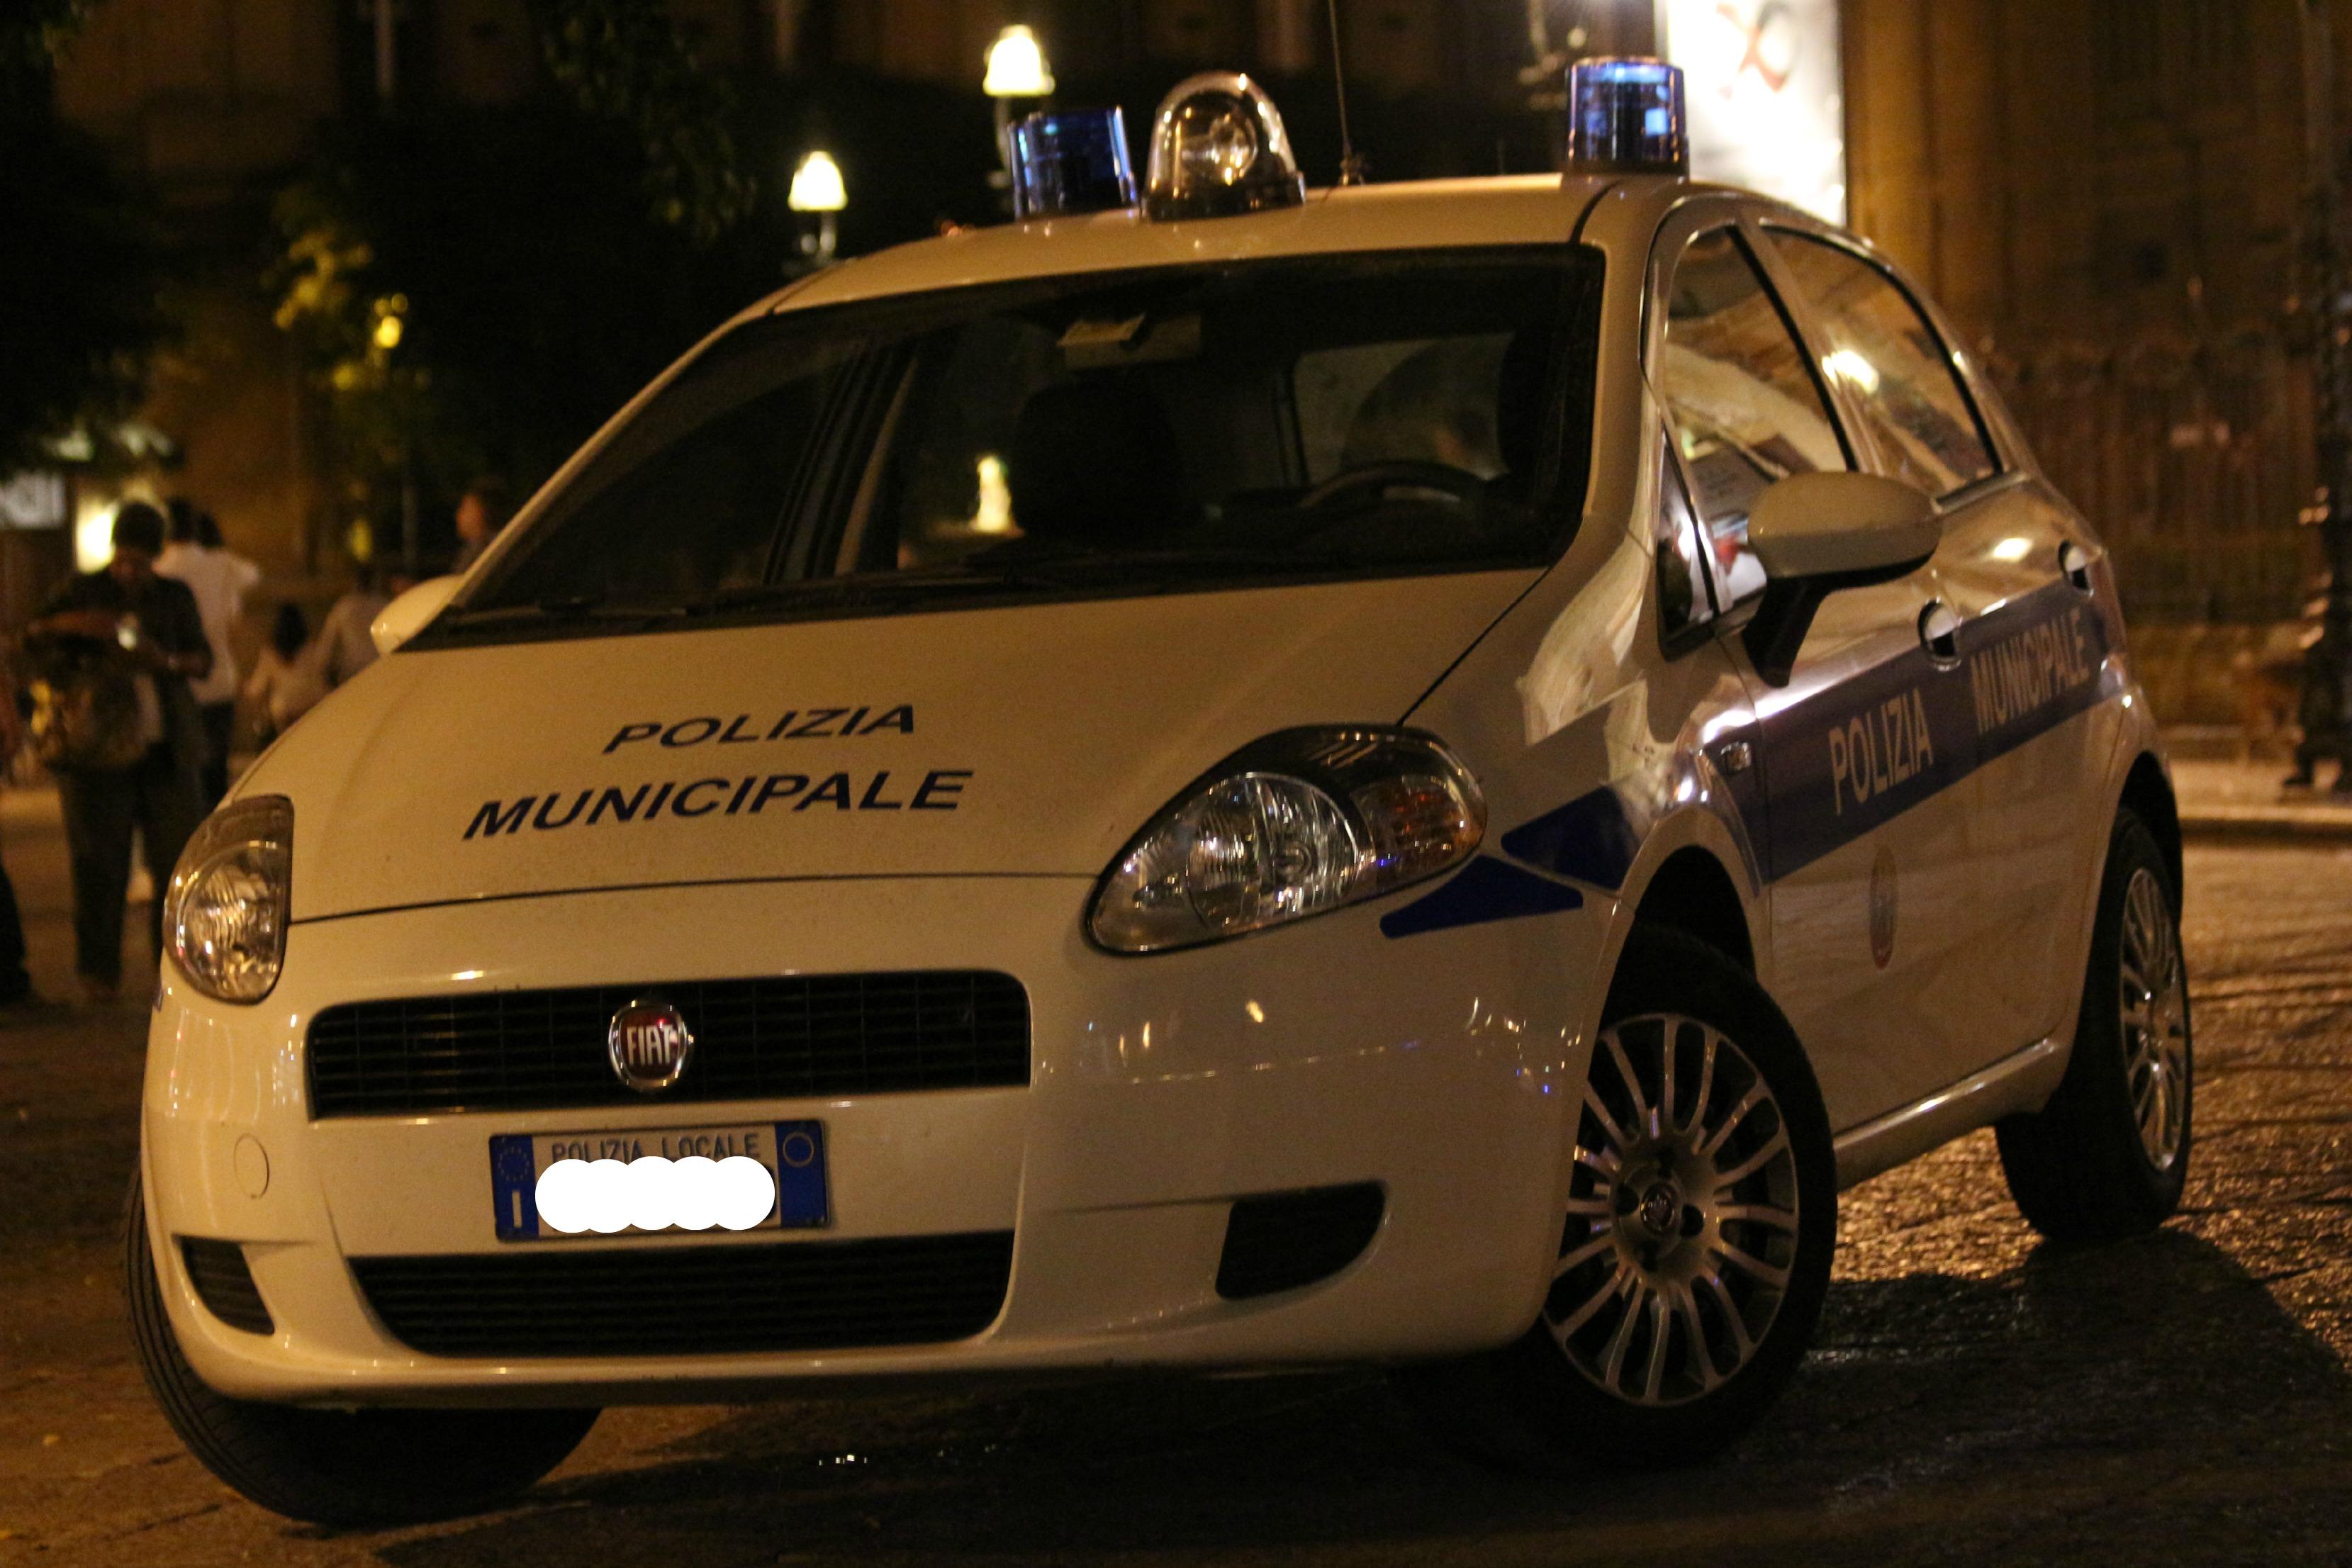 Incidente stradale nel Palermitano, muore una donna | L'auto si è schiantata contro un muro, grave il fratello